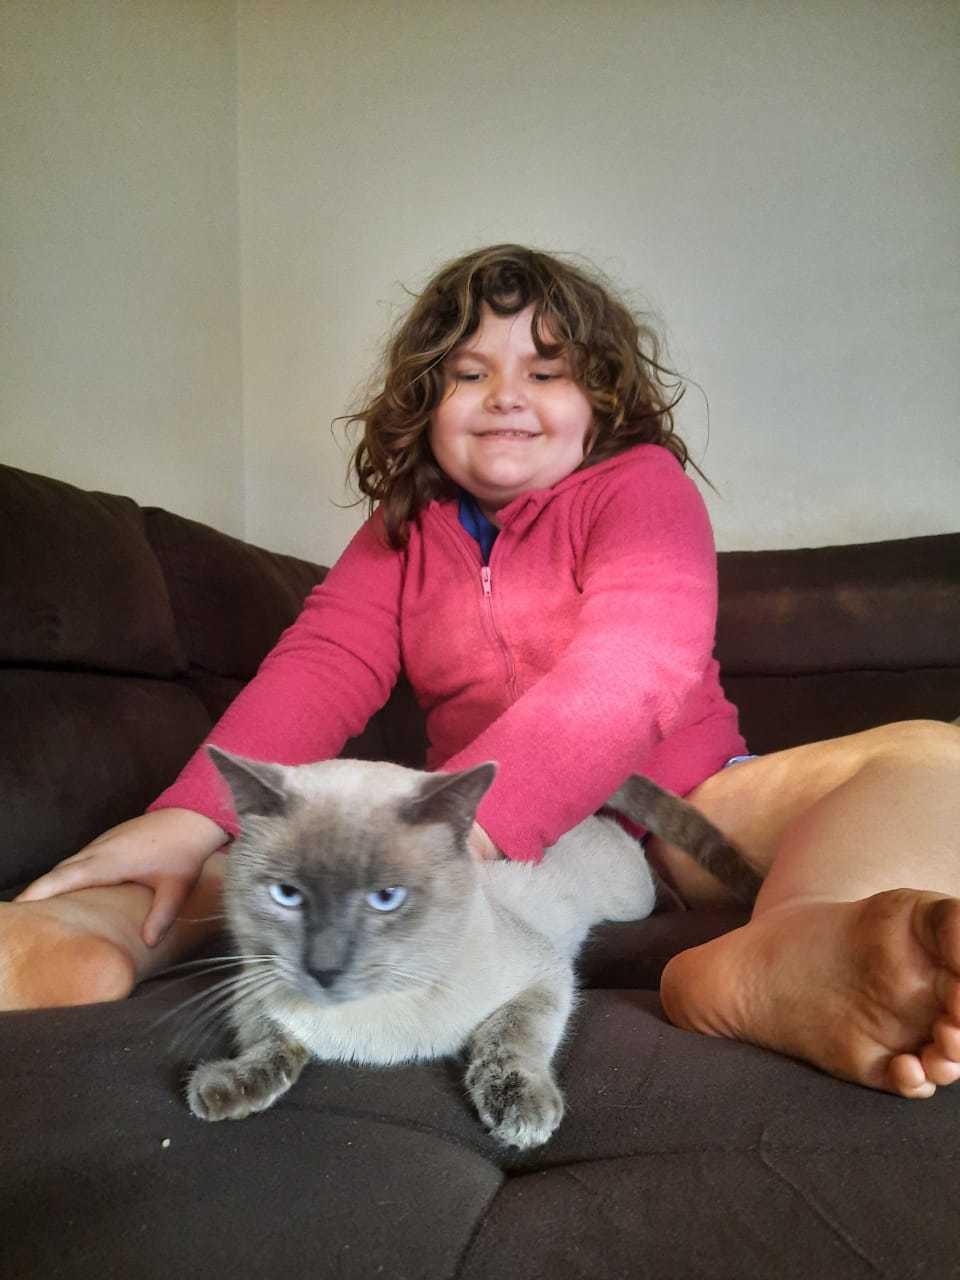 Dom na companhia da pequena Isabelle. (Foto: Arquivo Pessoal)